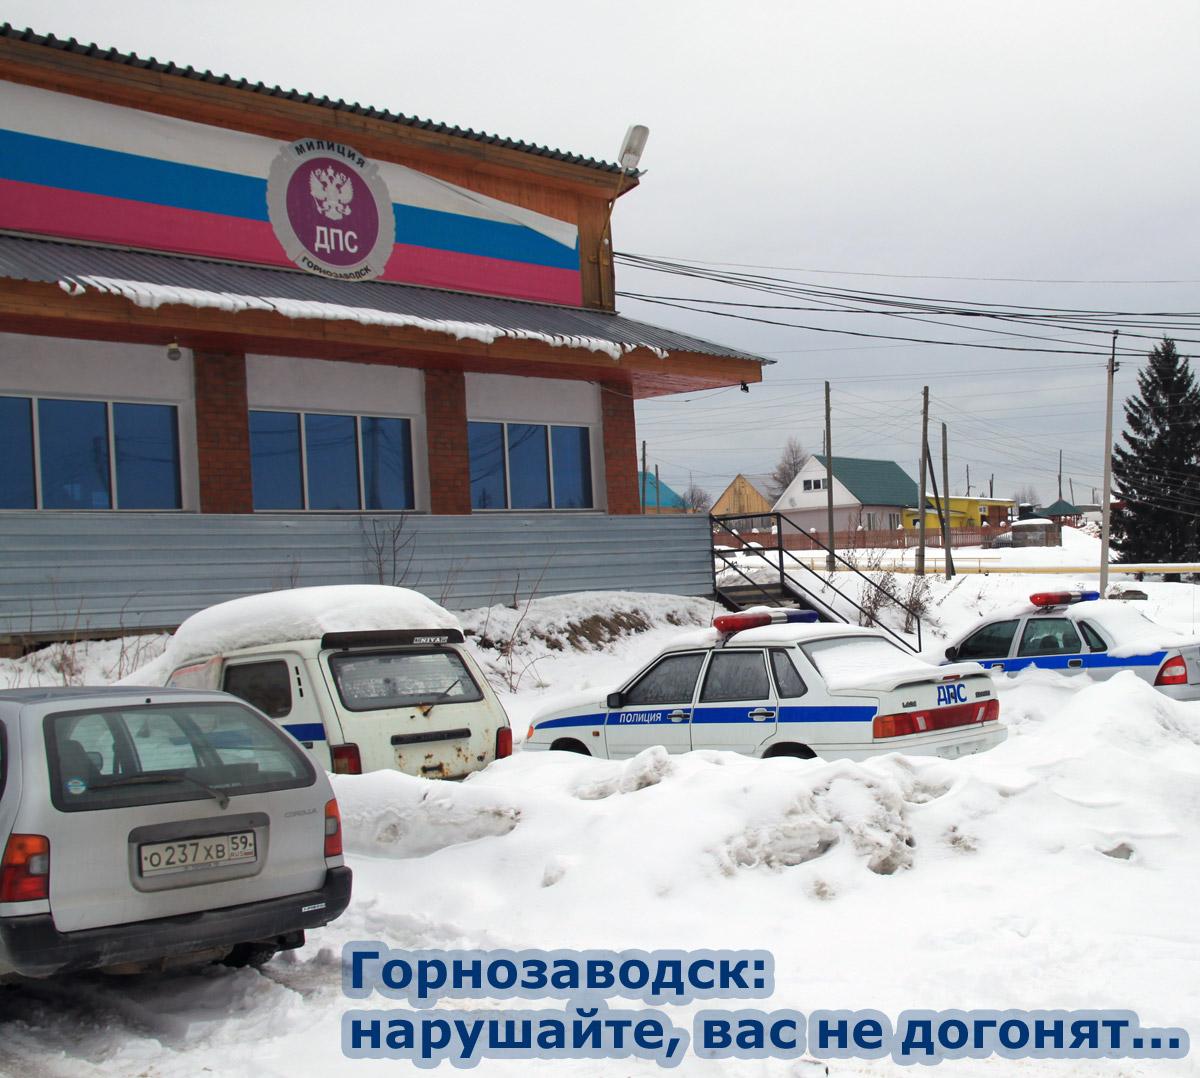 ГАИ в Горнозаводске